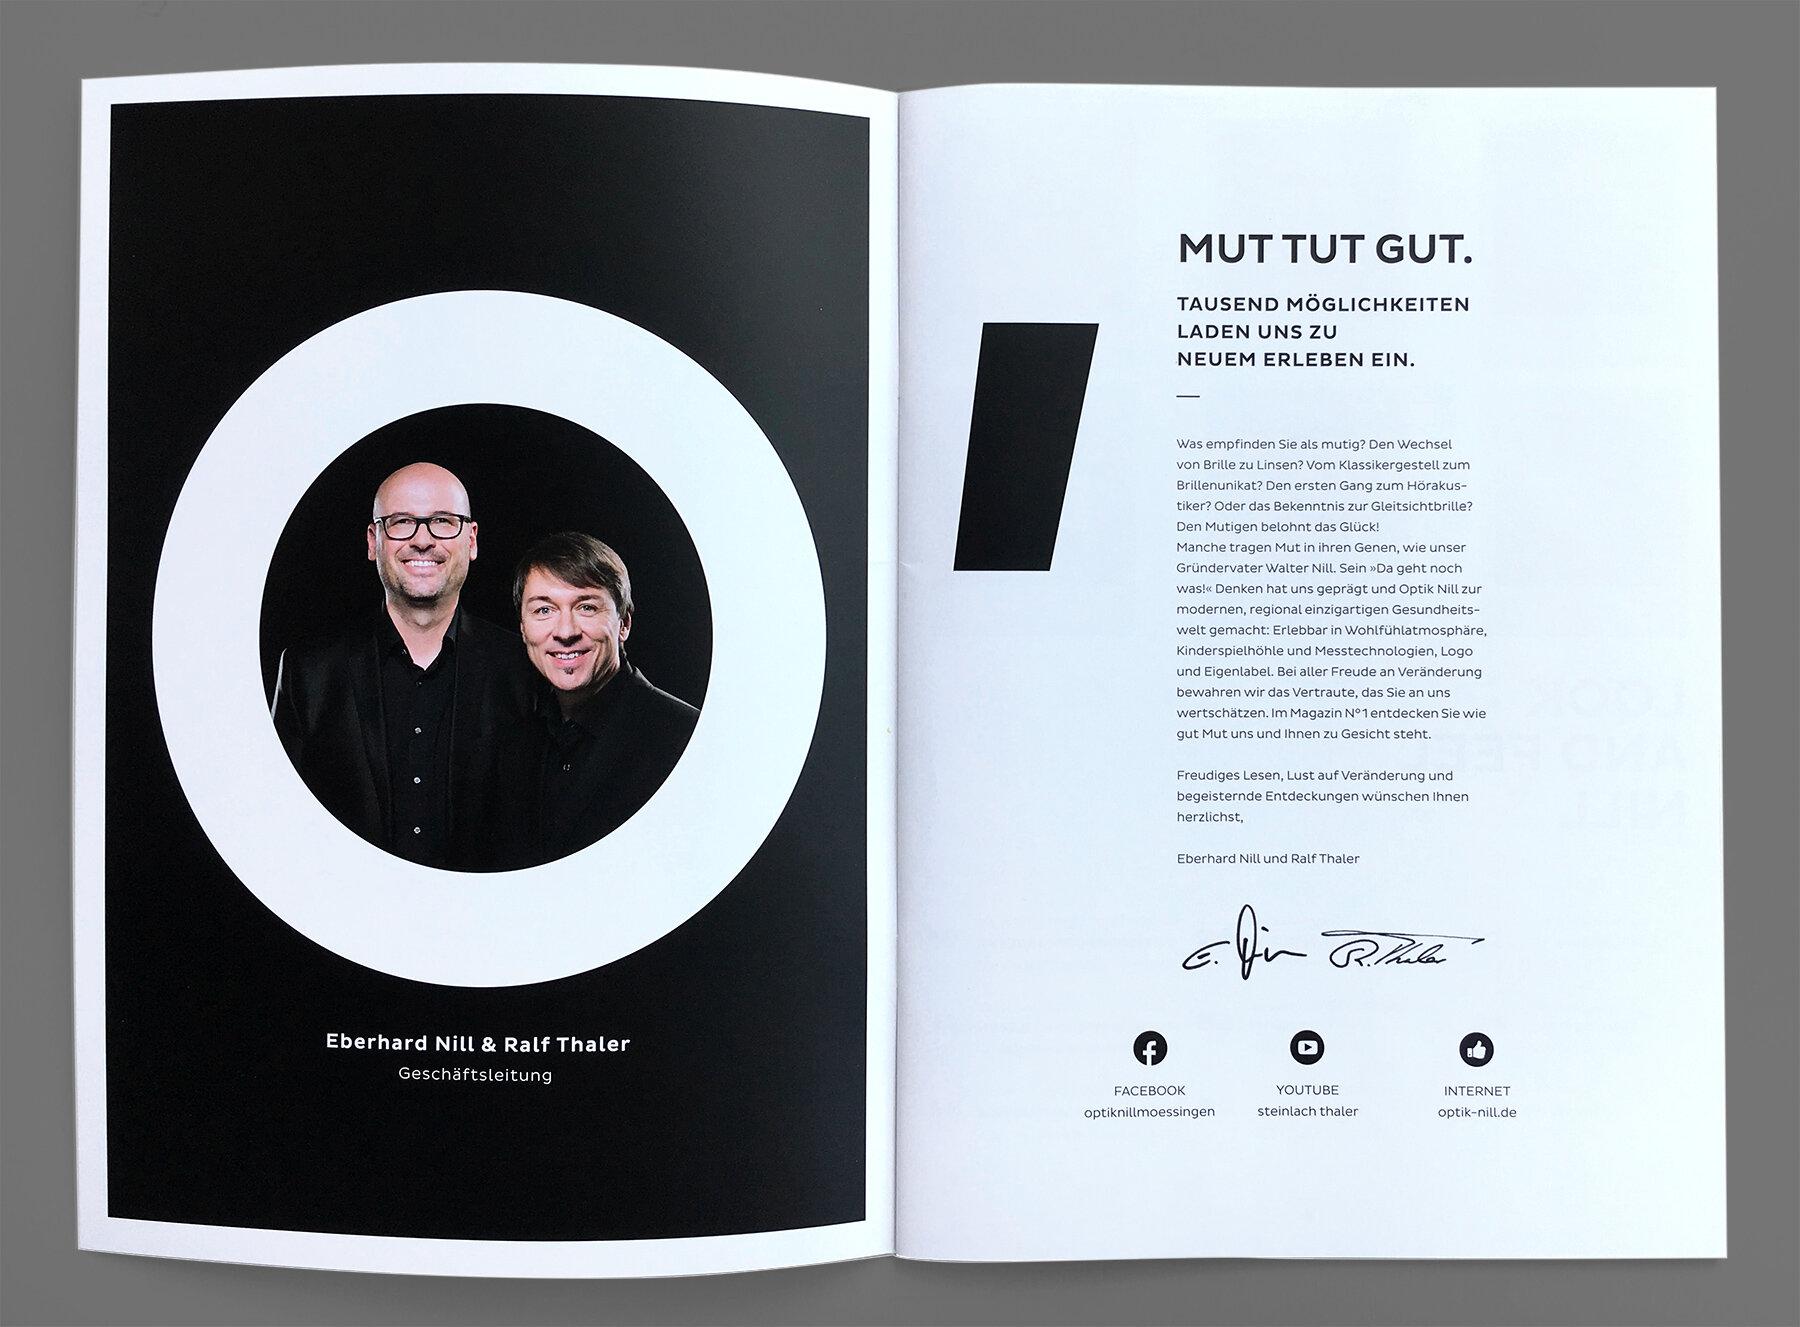 Optik-Nill-Kundenmagazin-Editorial-Ralf-Thaler-Eberhard-Nill.jpg